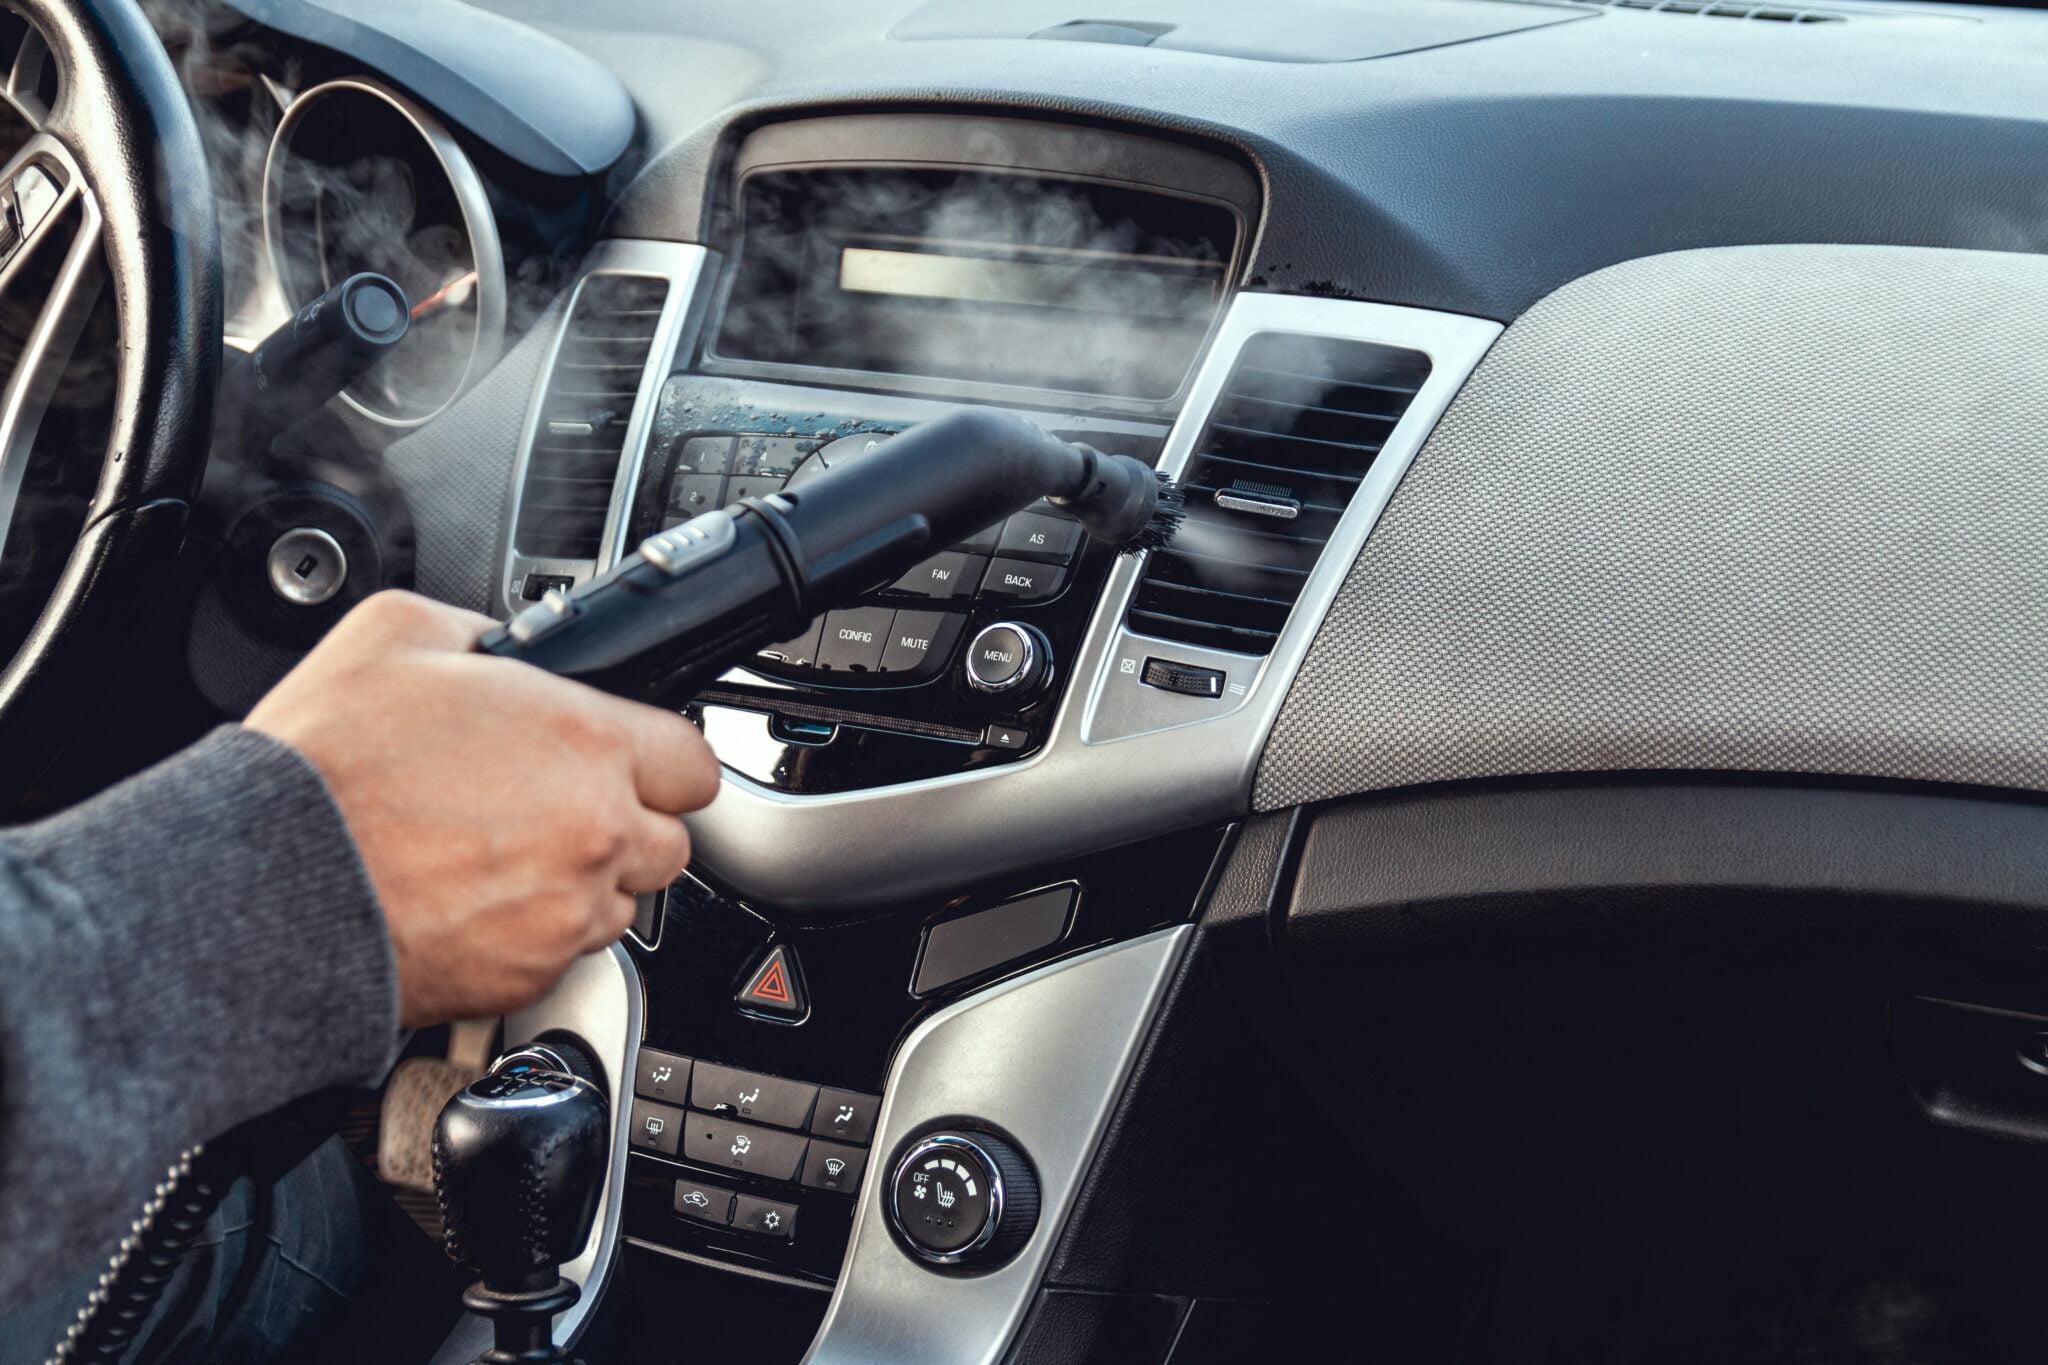 Myjnia samochodowa - czyszczenie tapicerek samochodów osobowych i ciężarowych, pranie dywanów i wykładzin